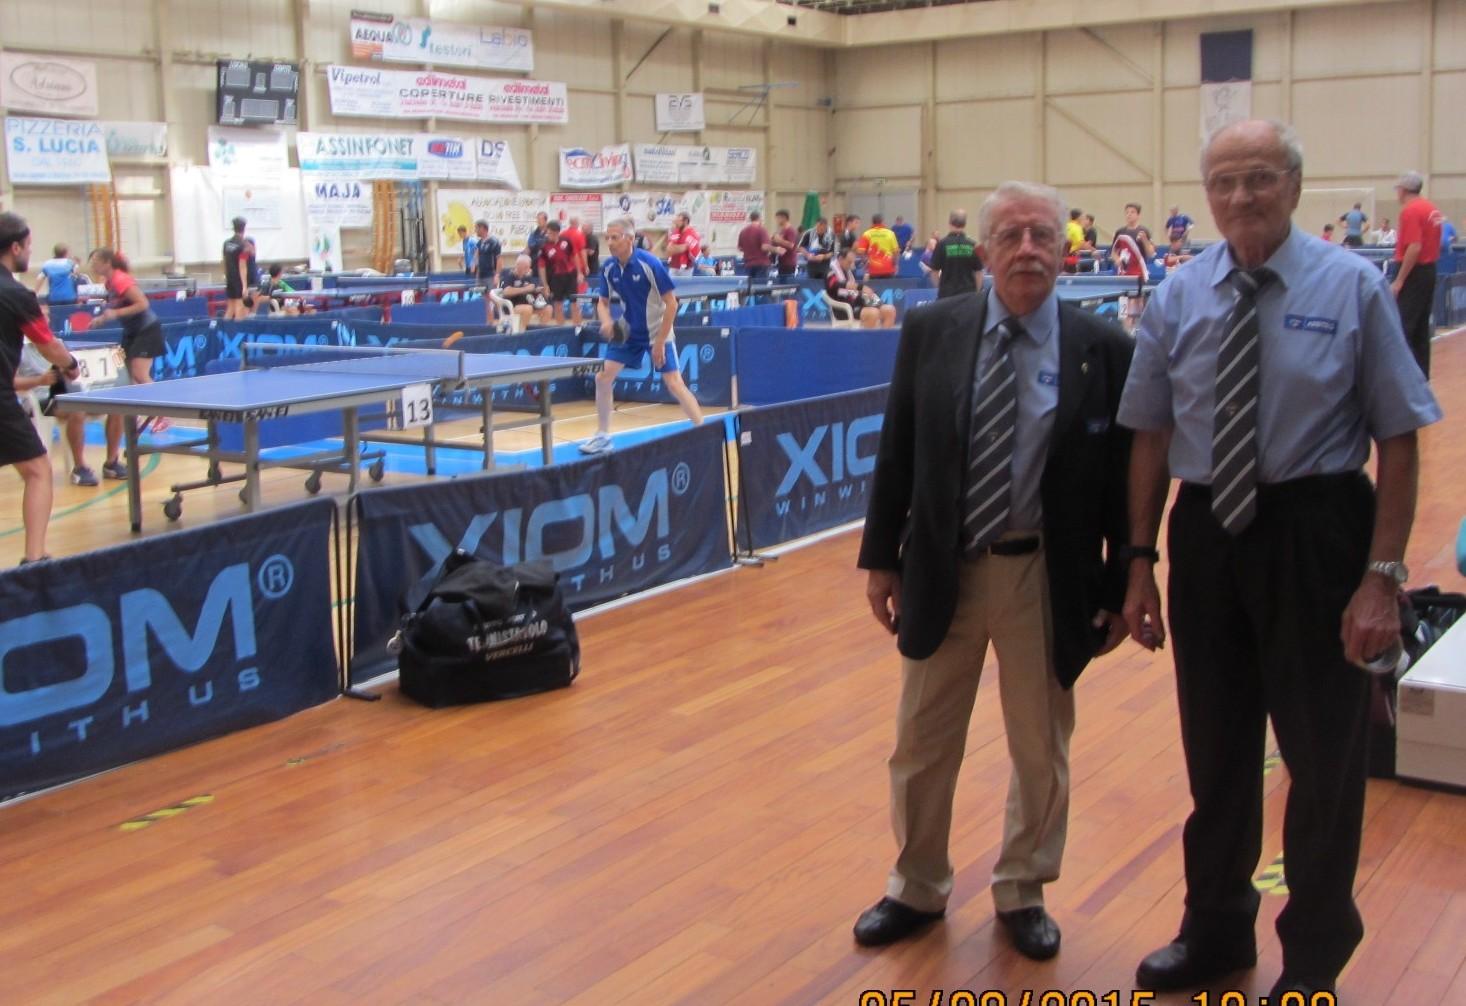 Torneo Lib Mortara - gli arbitri - a destra l'arbitro internazionale Ang_